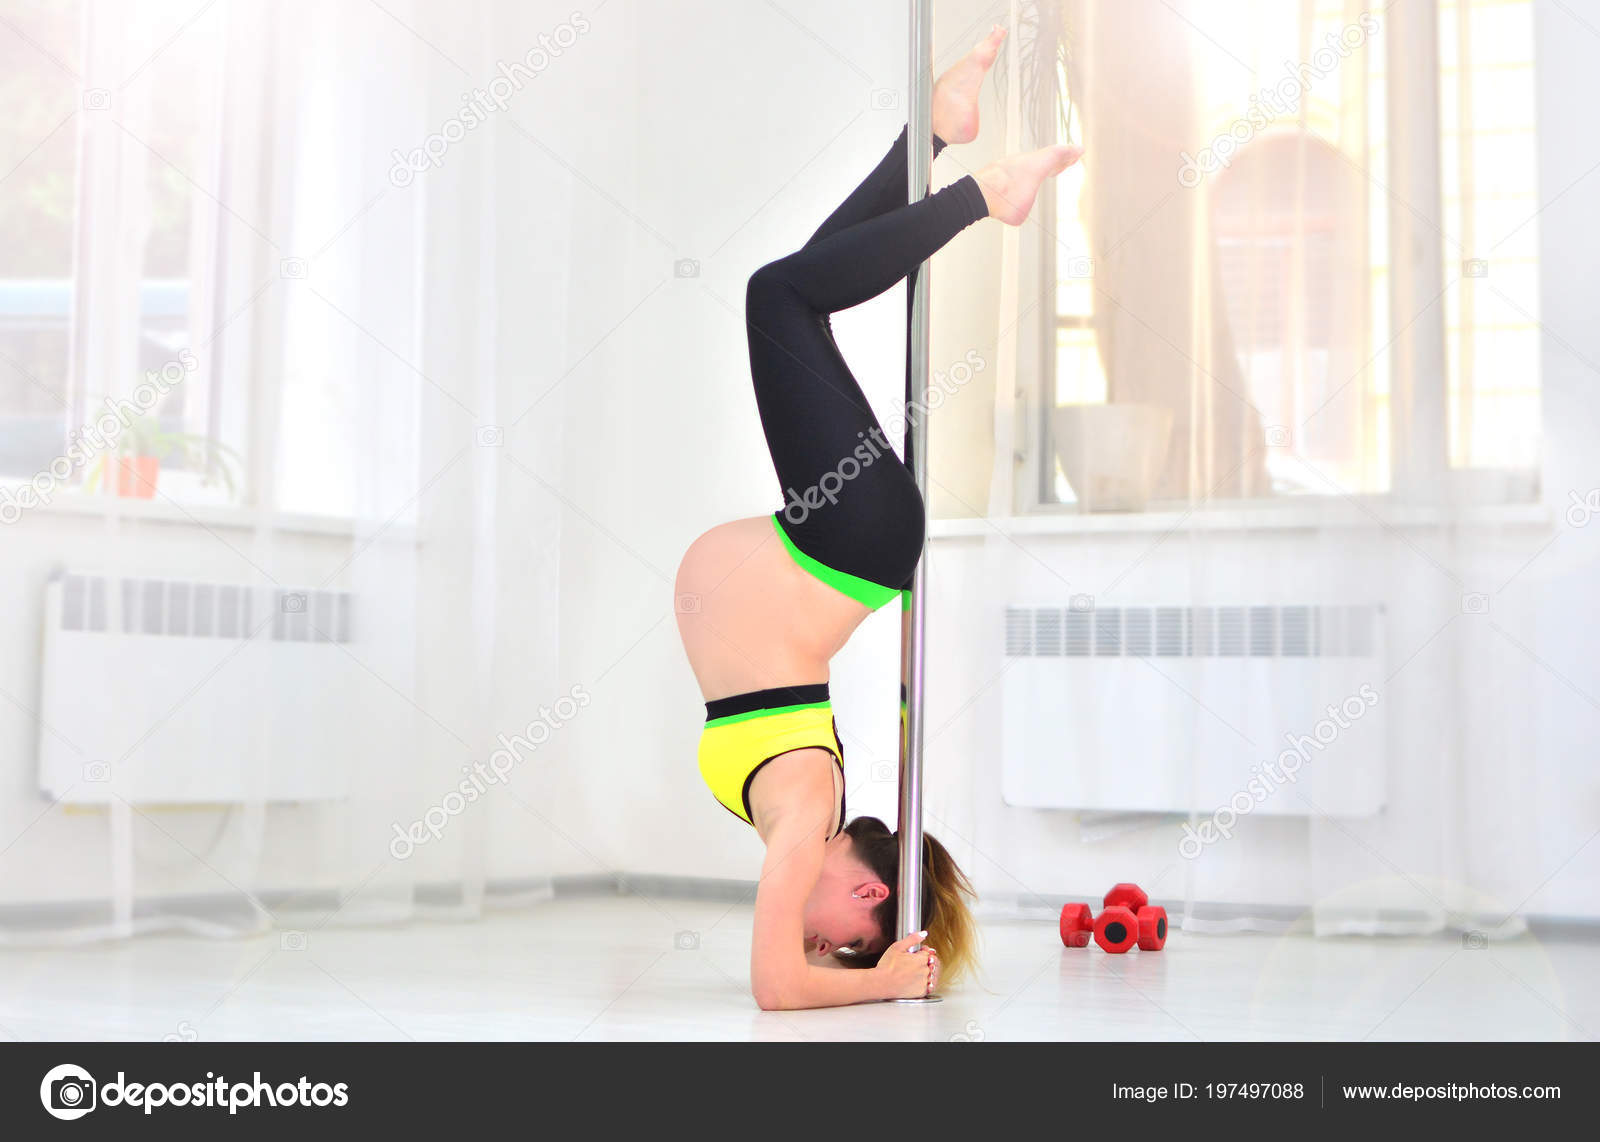 Йога для беременных 2 триместр | журнал cosmopolitan.